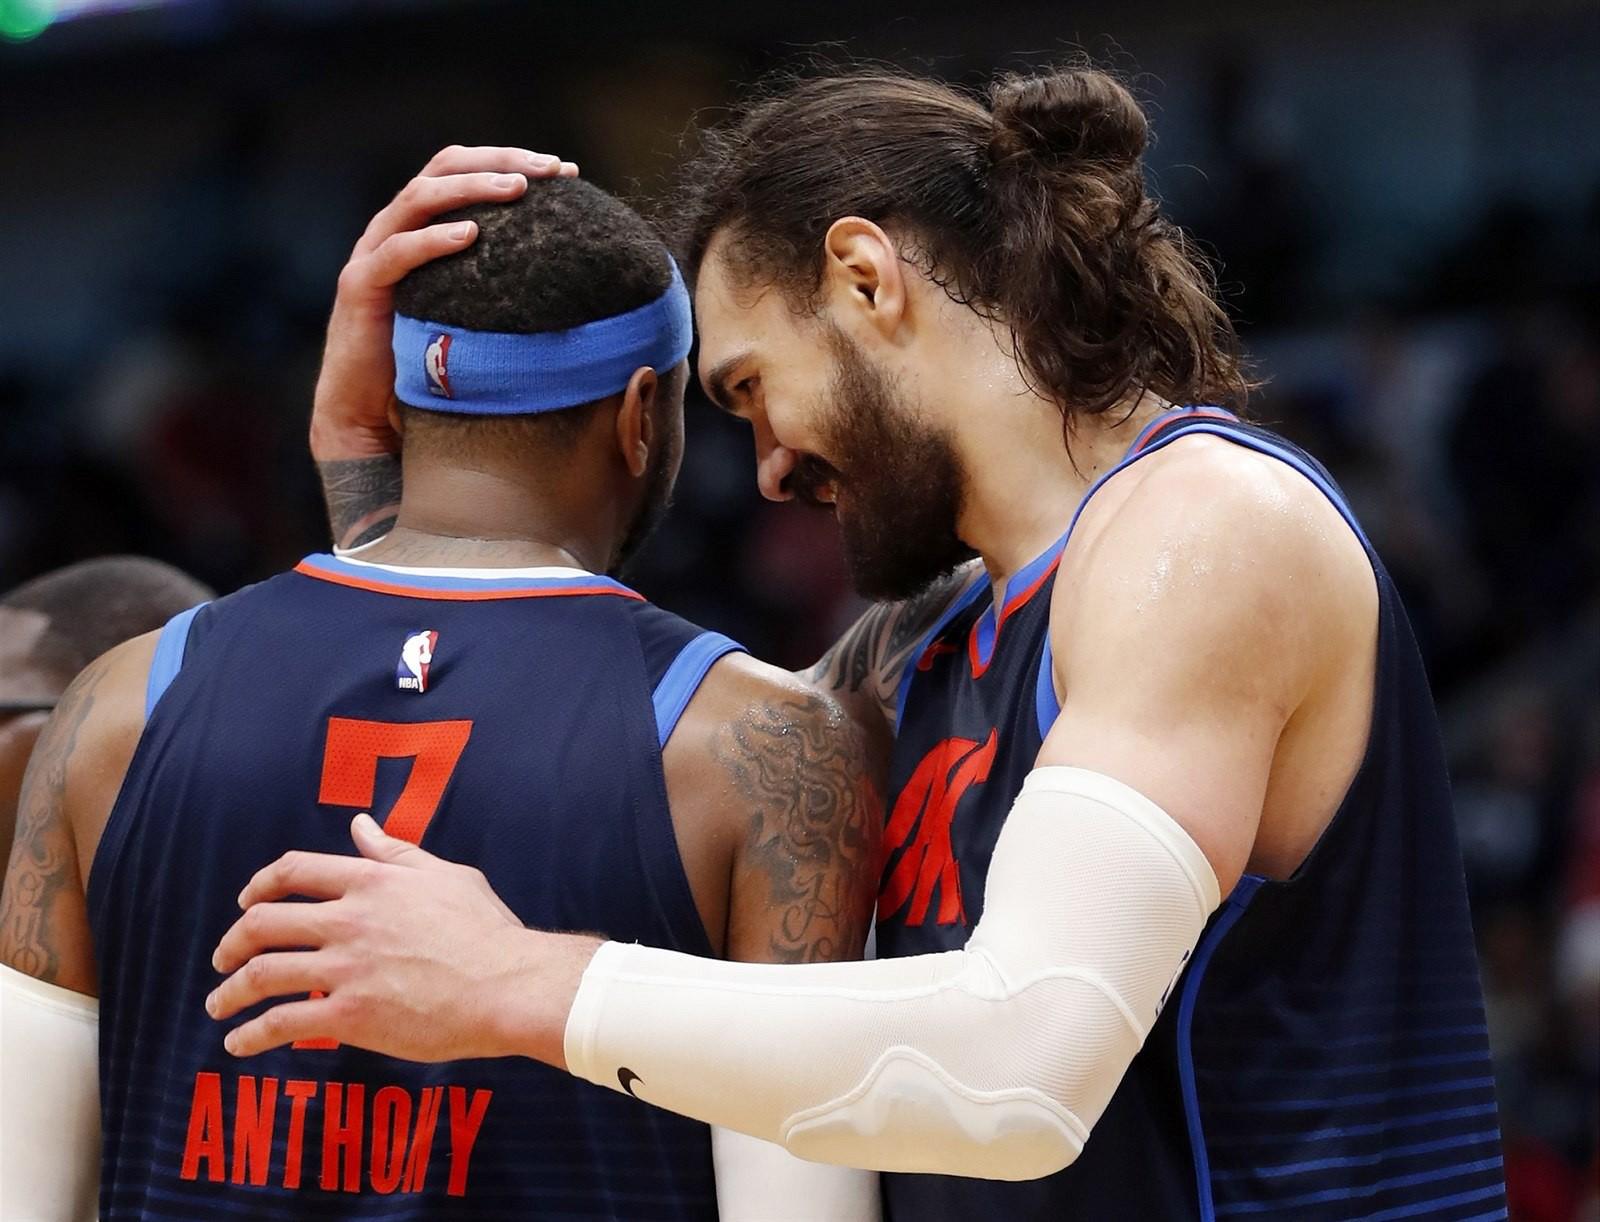 Thói like dạo của Steven Adams gây tổn thương cho đồng đội Carmelo Anthony - Ảnh 2.